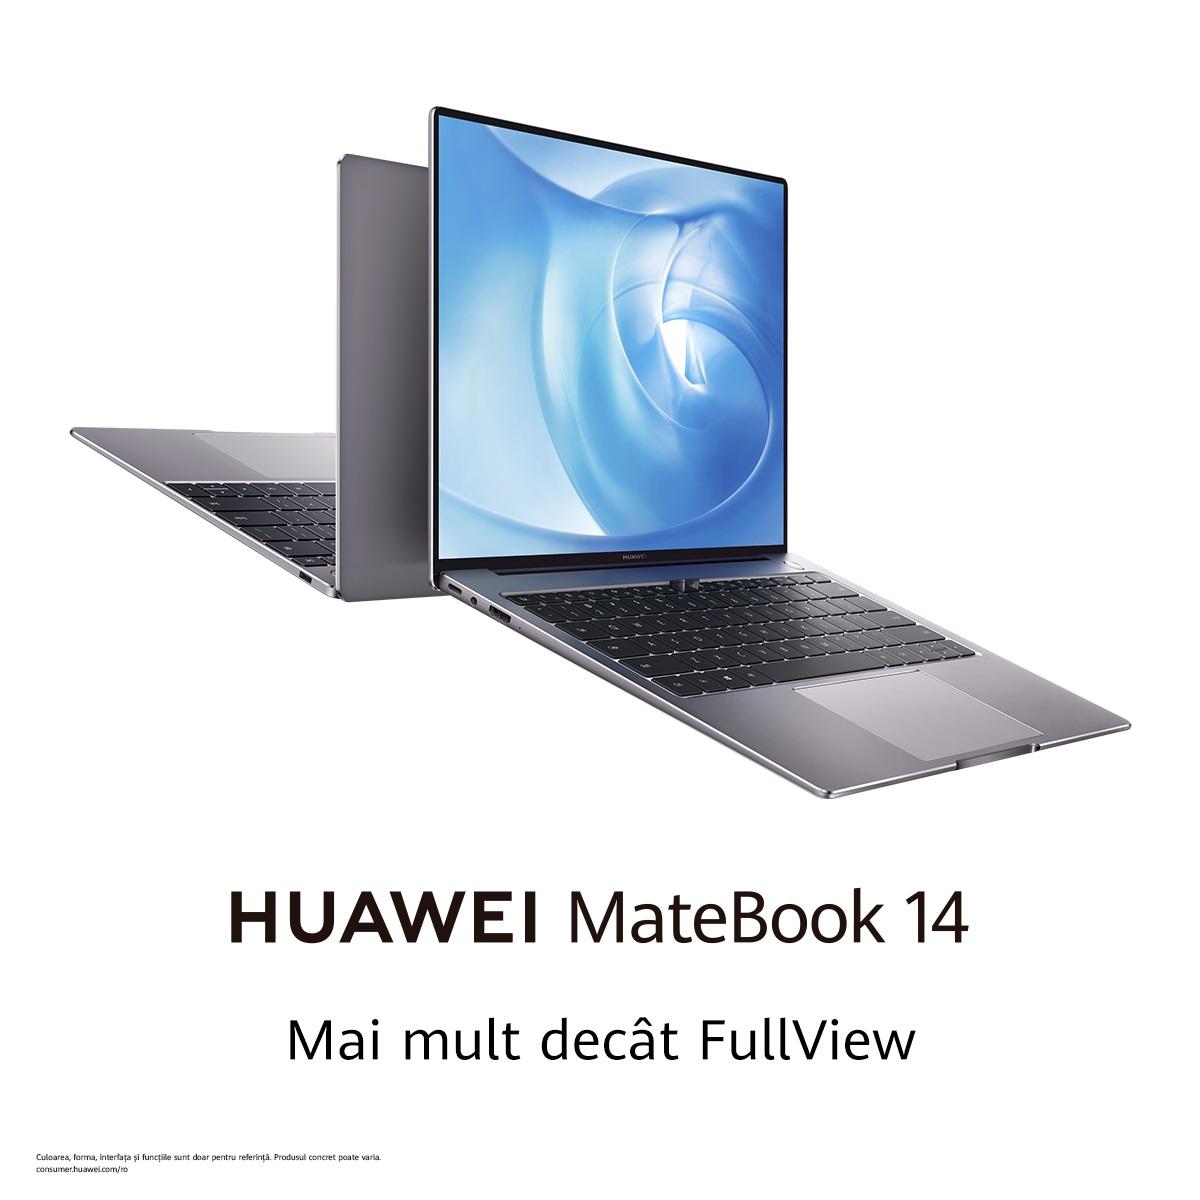 HUAWEI MateBook 14, ultra-portabil cu design FullView și performanță grafică excepțională